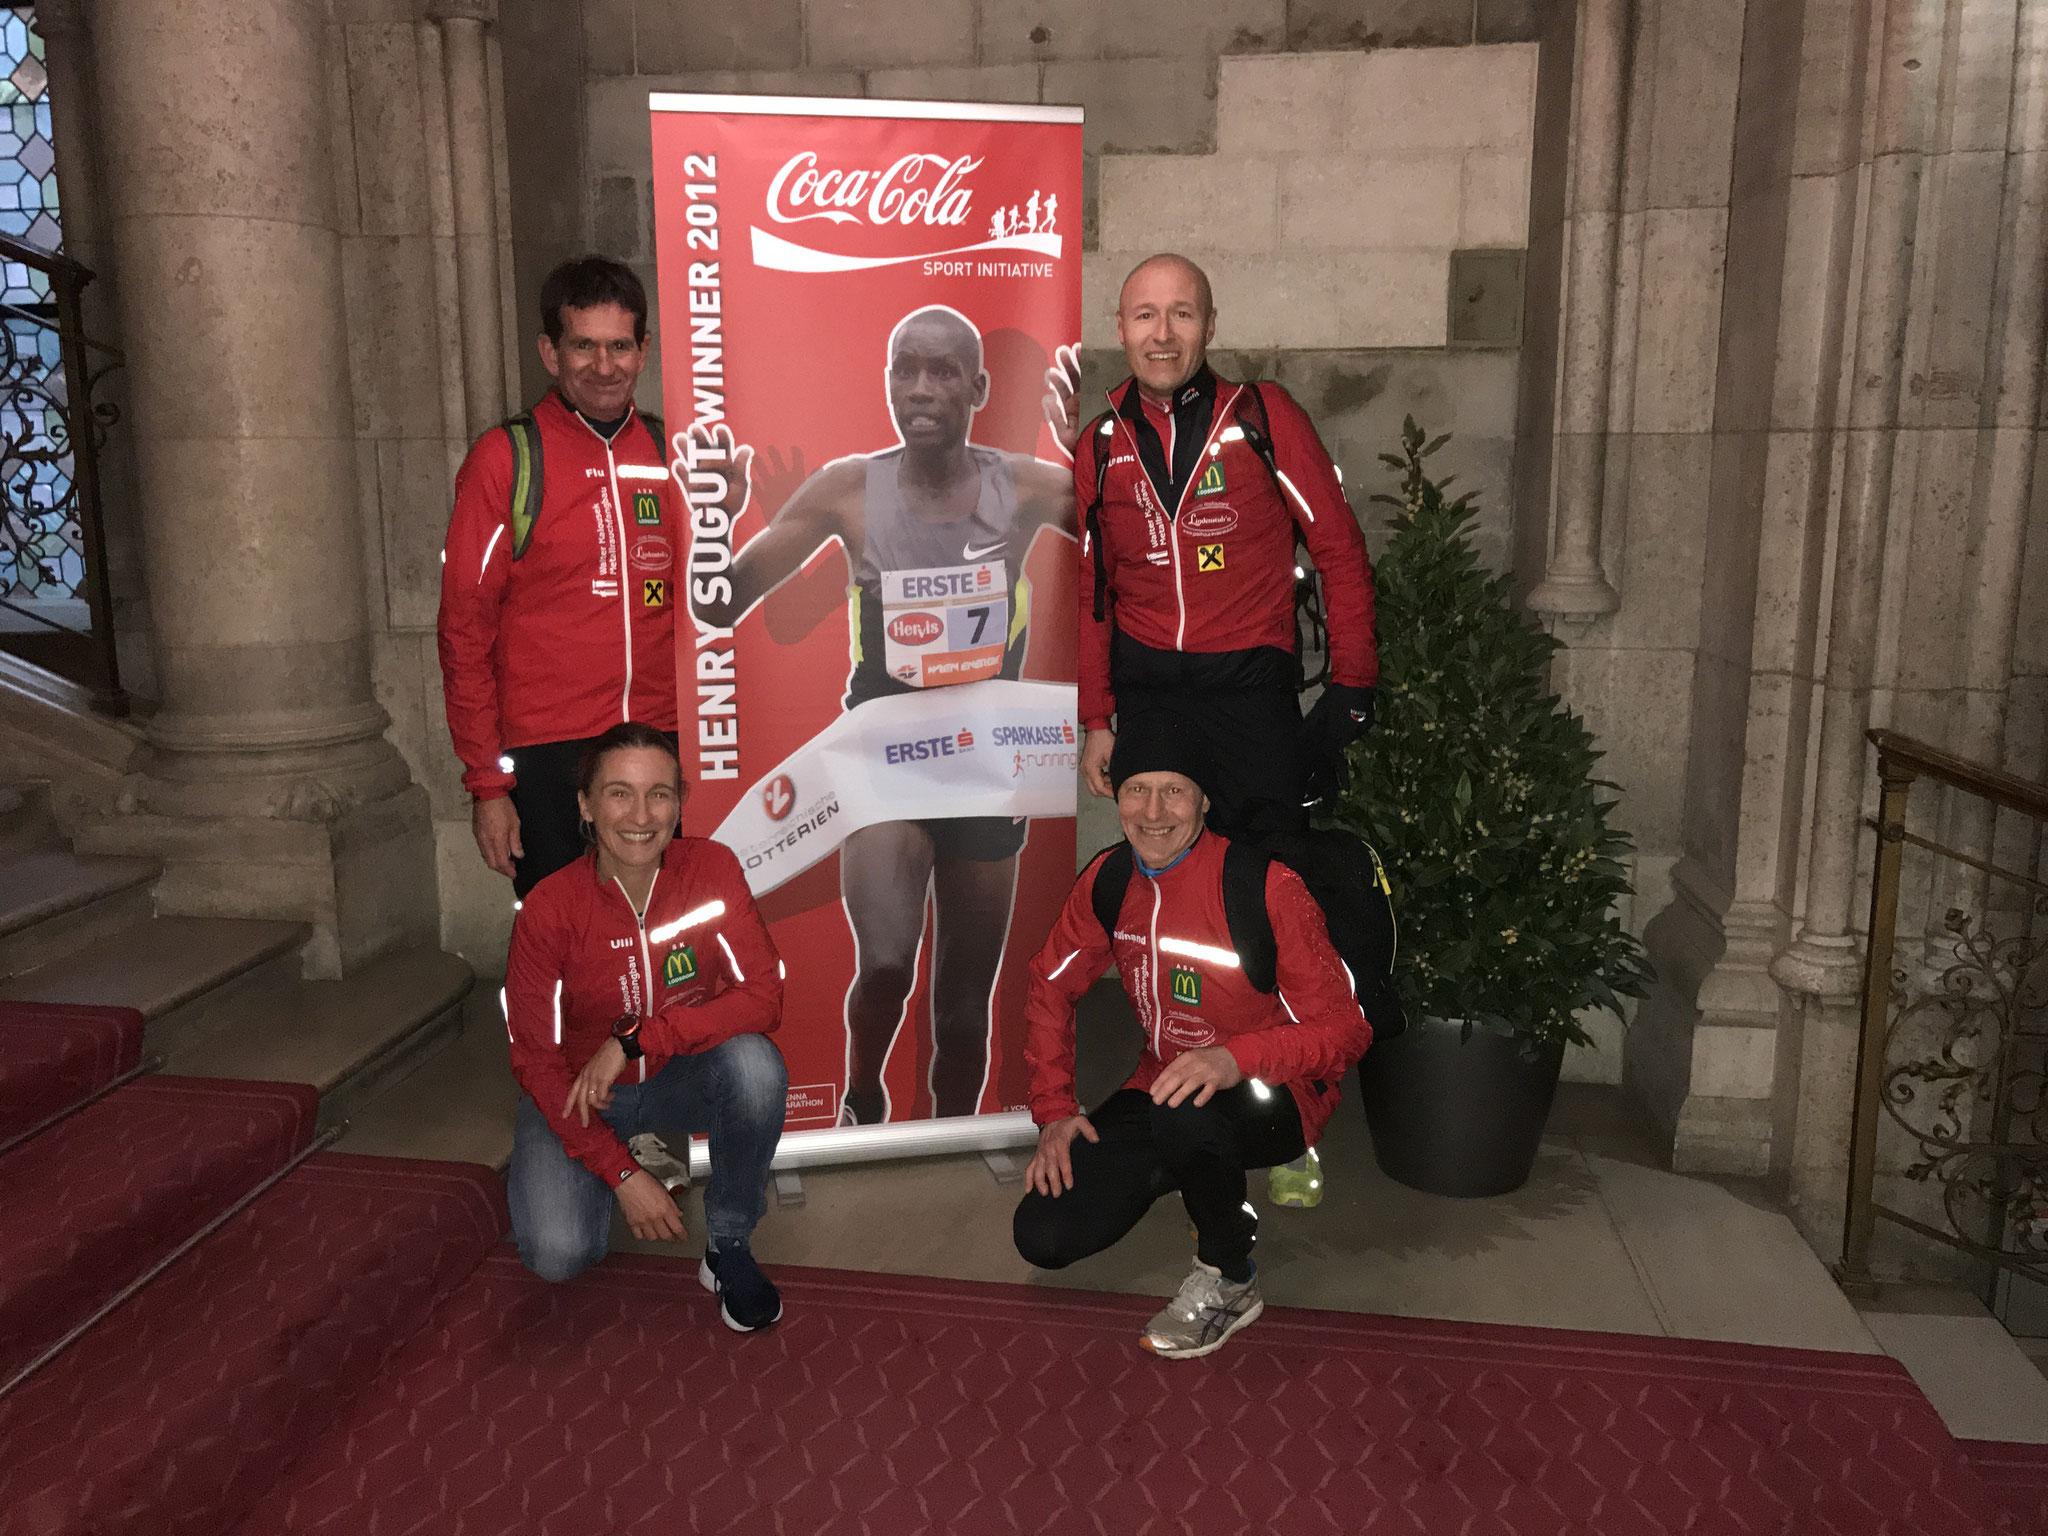 Ein toller Rahmen der Vienna City Marathon, inkl. Feier im Festsaal des Rathauses